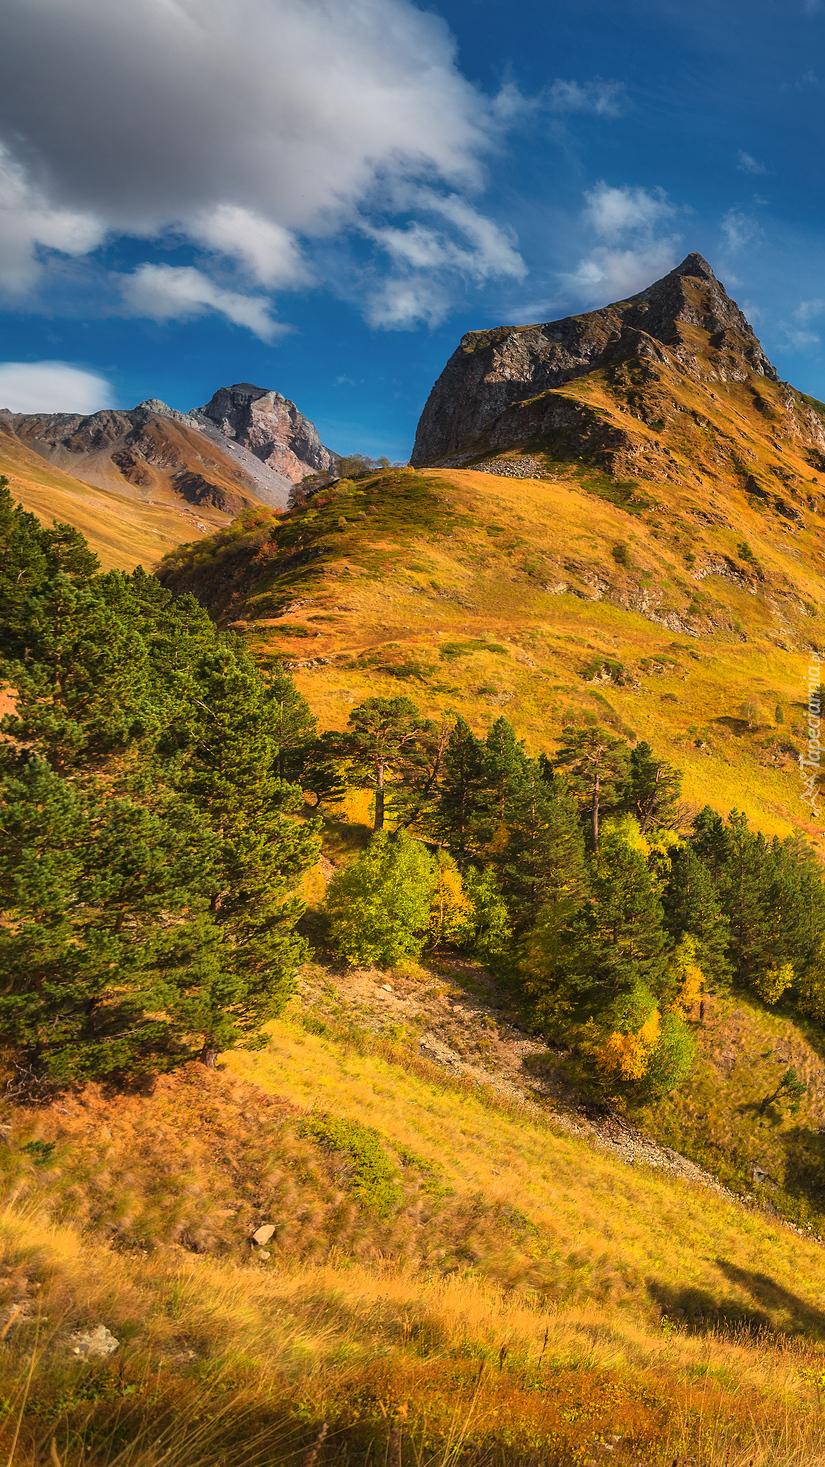 Góry i drzewa w słońcu